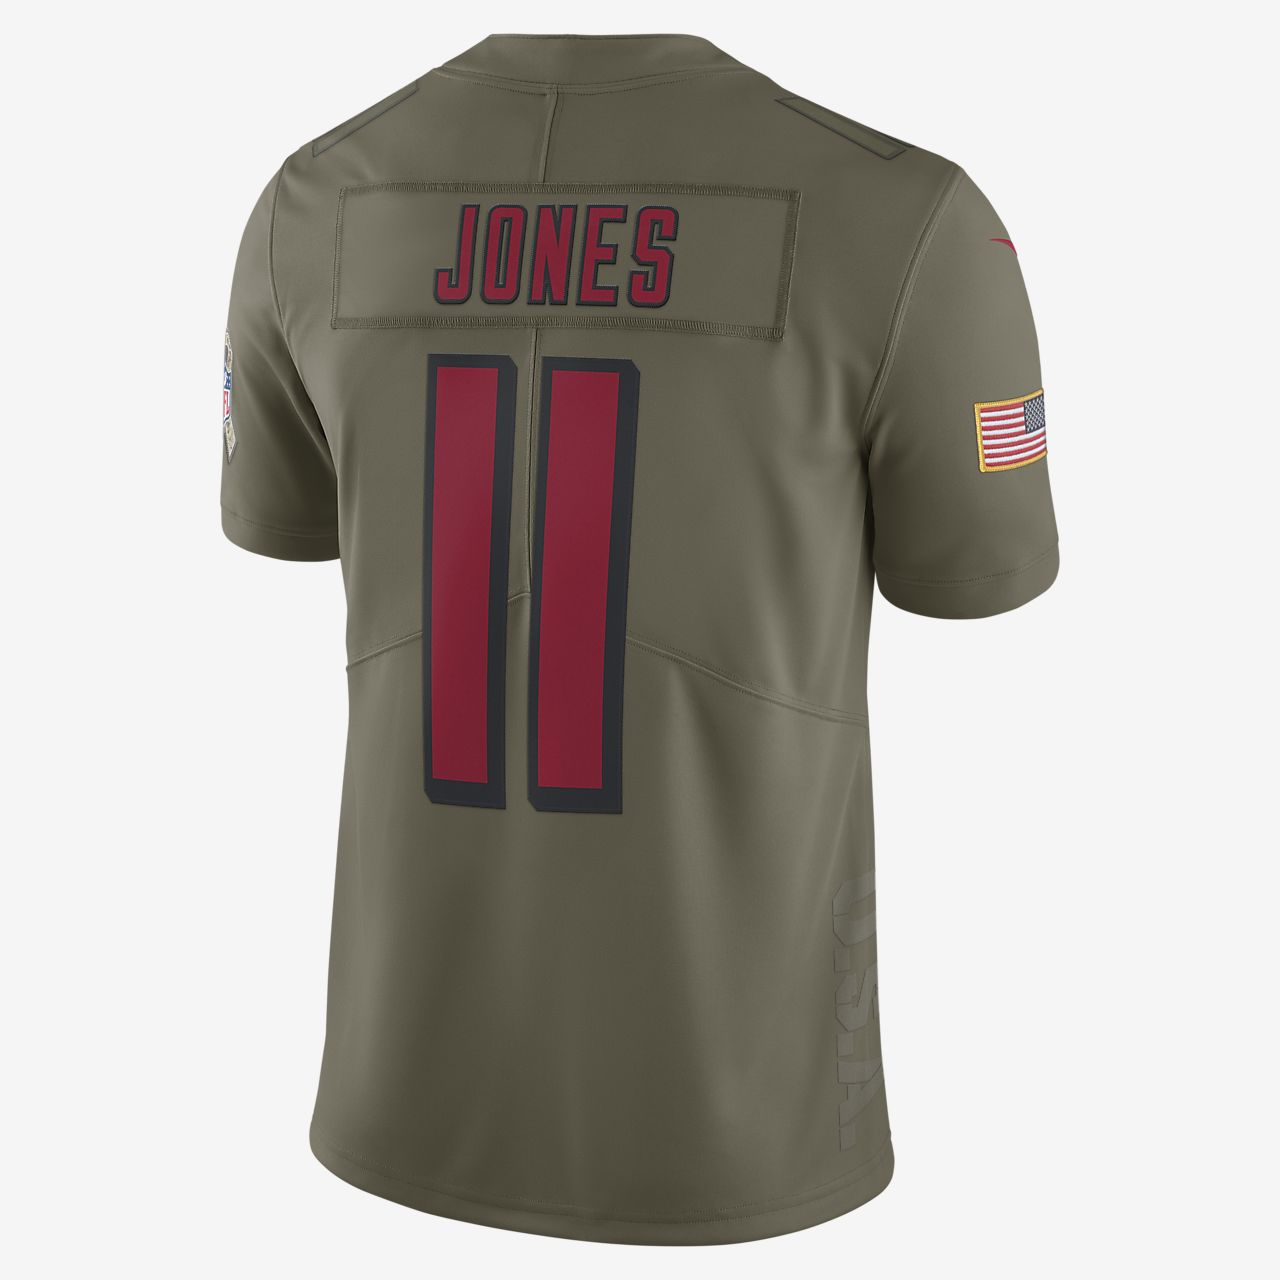 julio jersey